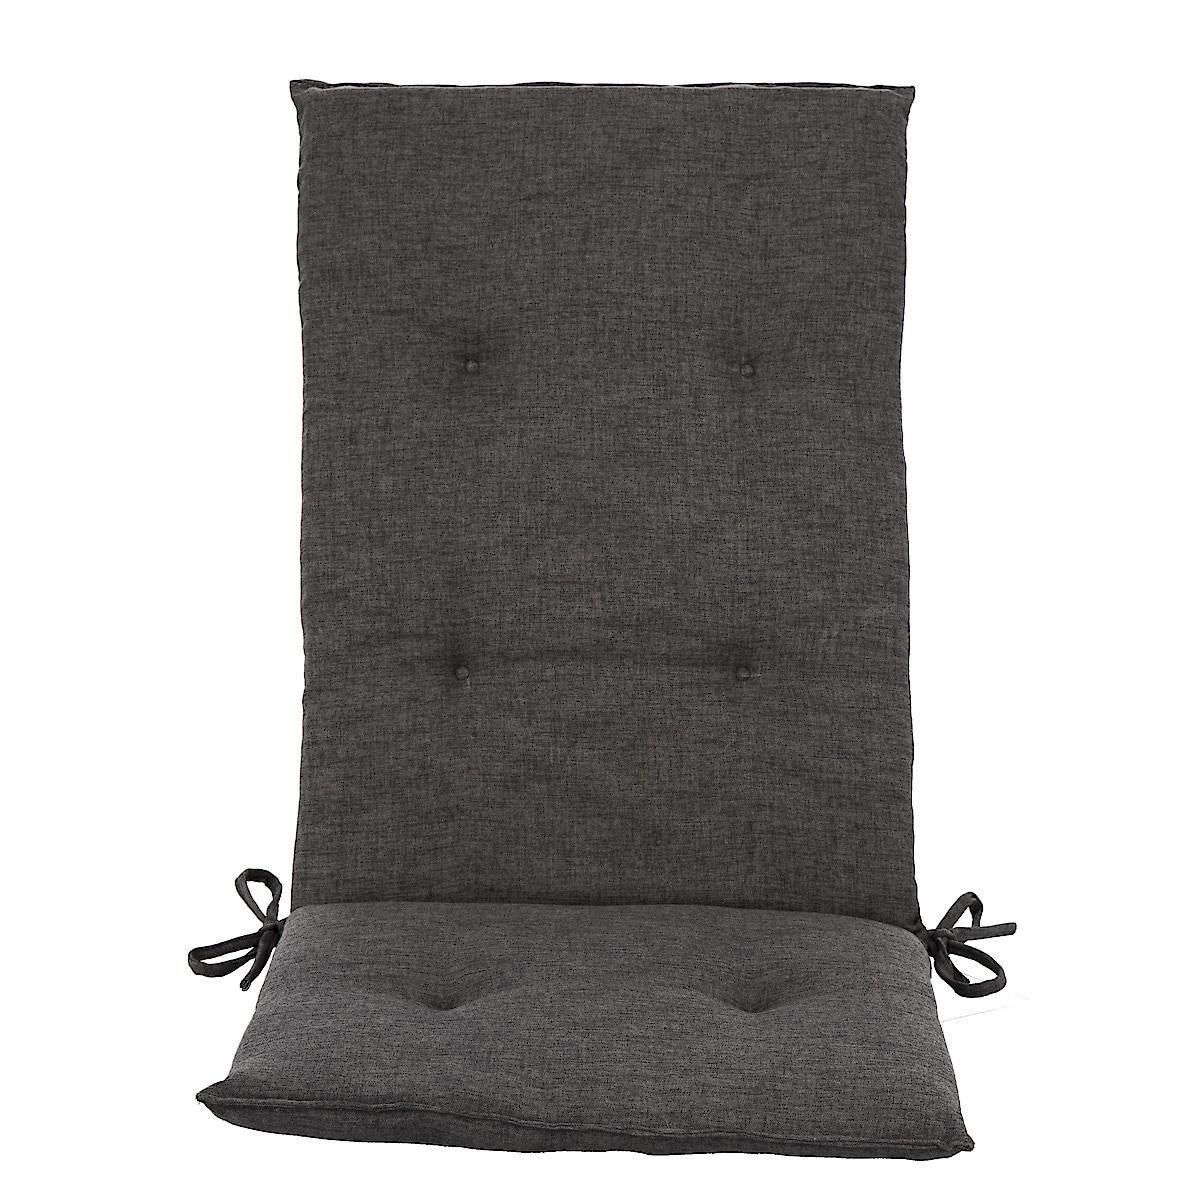 Sitz-/Rückenkissen für Gartenmöbel